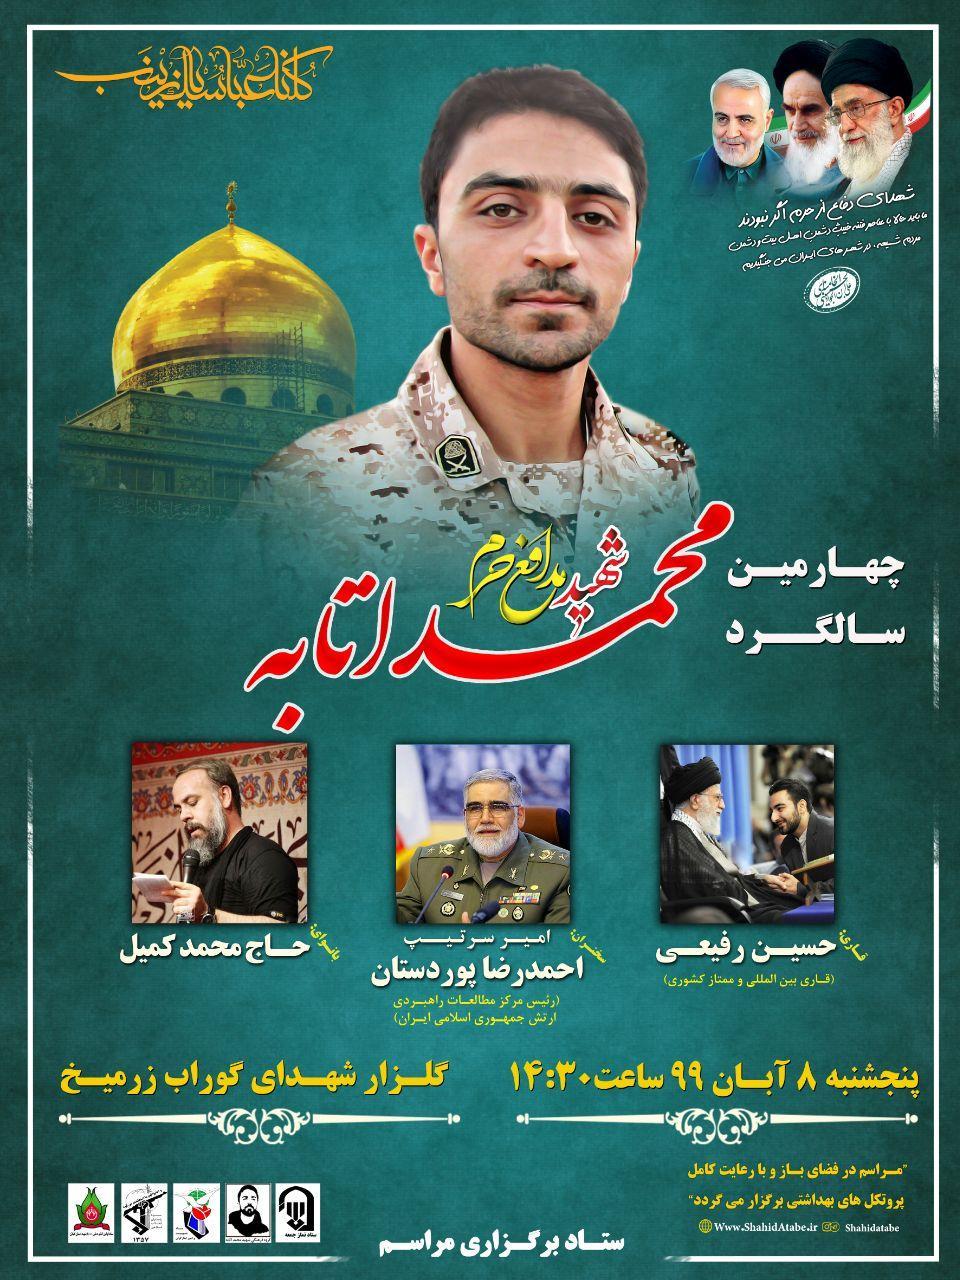 چهارمین سالگرد شهید مدافع حرم محمداتابه برگزار می شود.